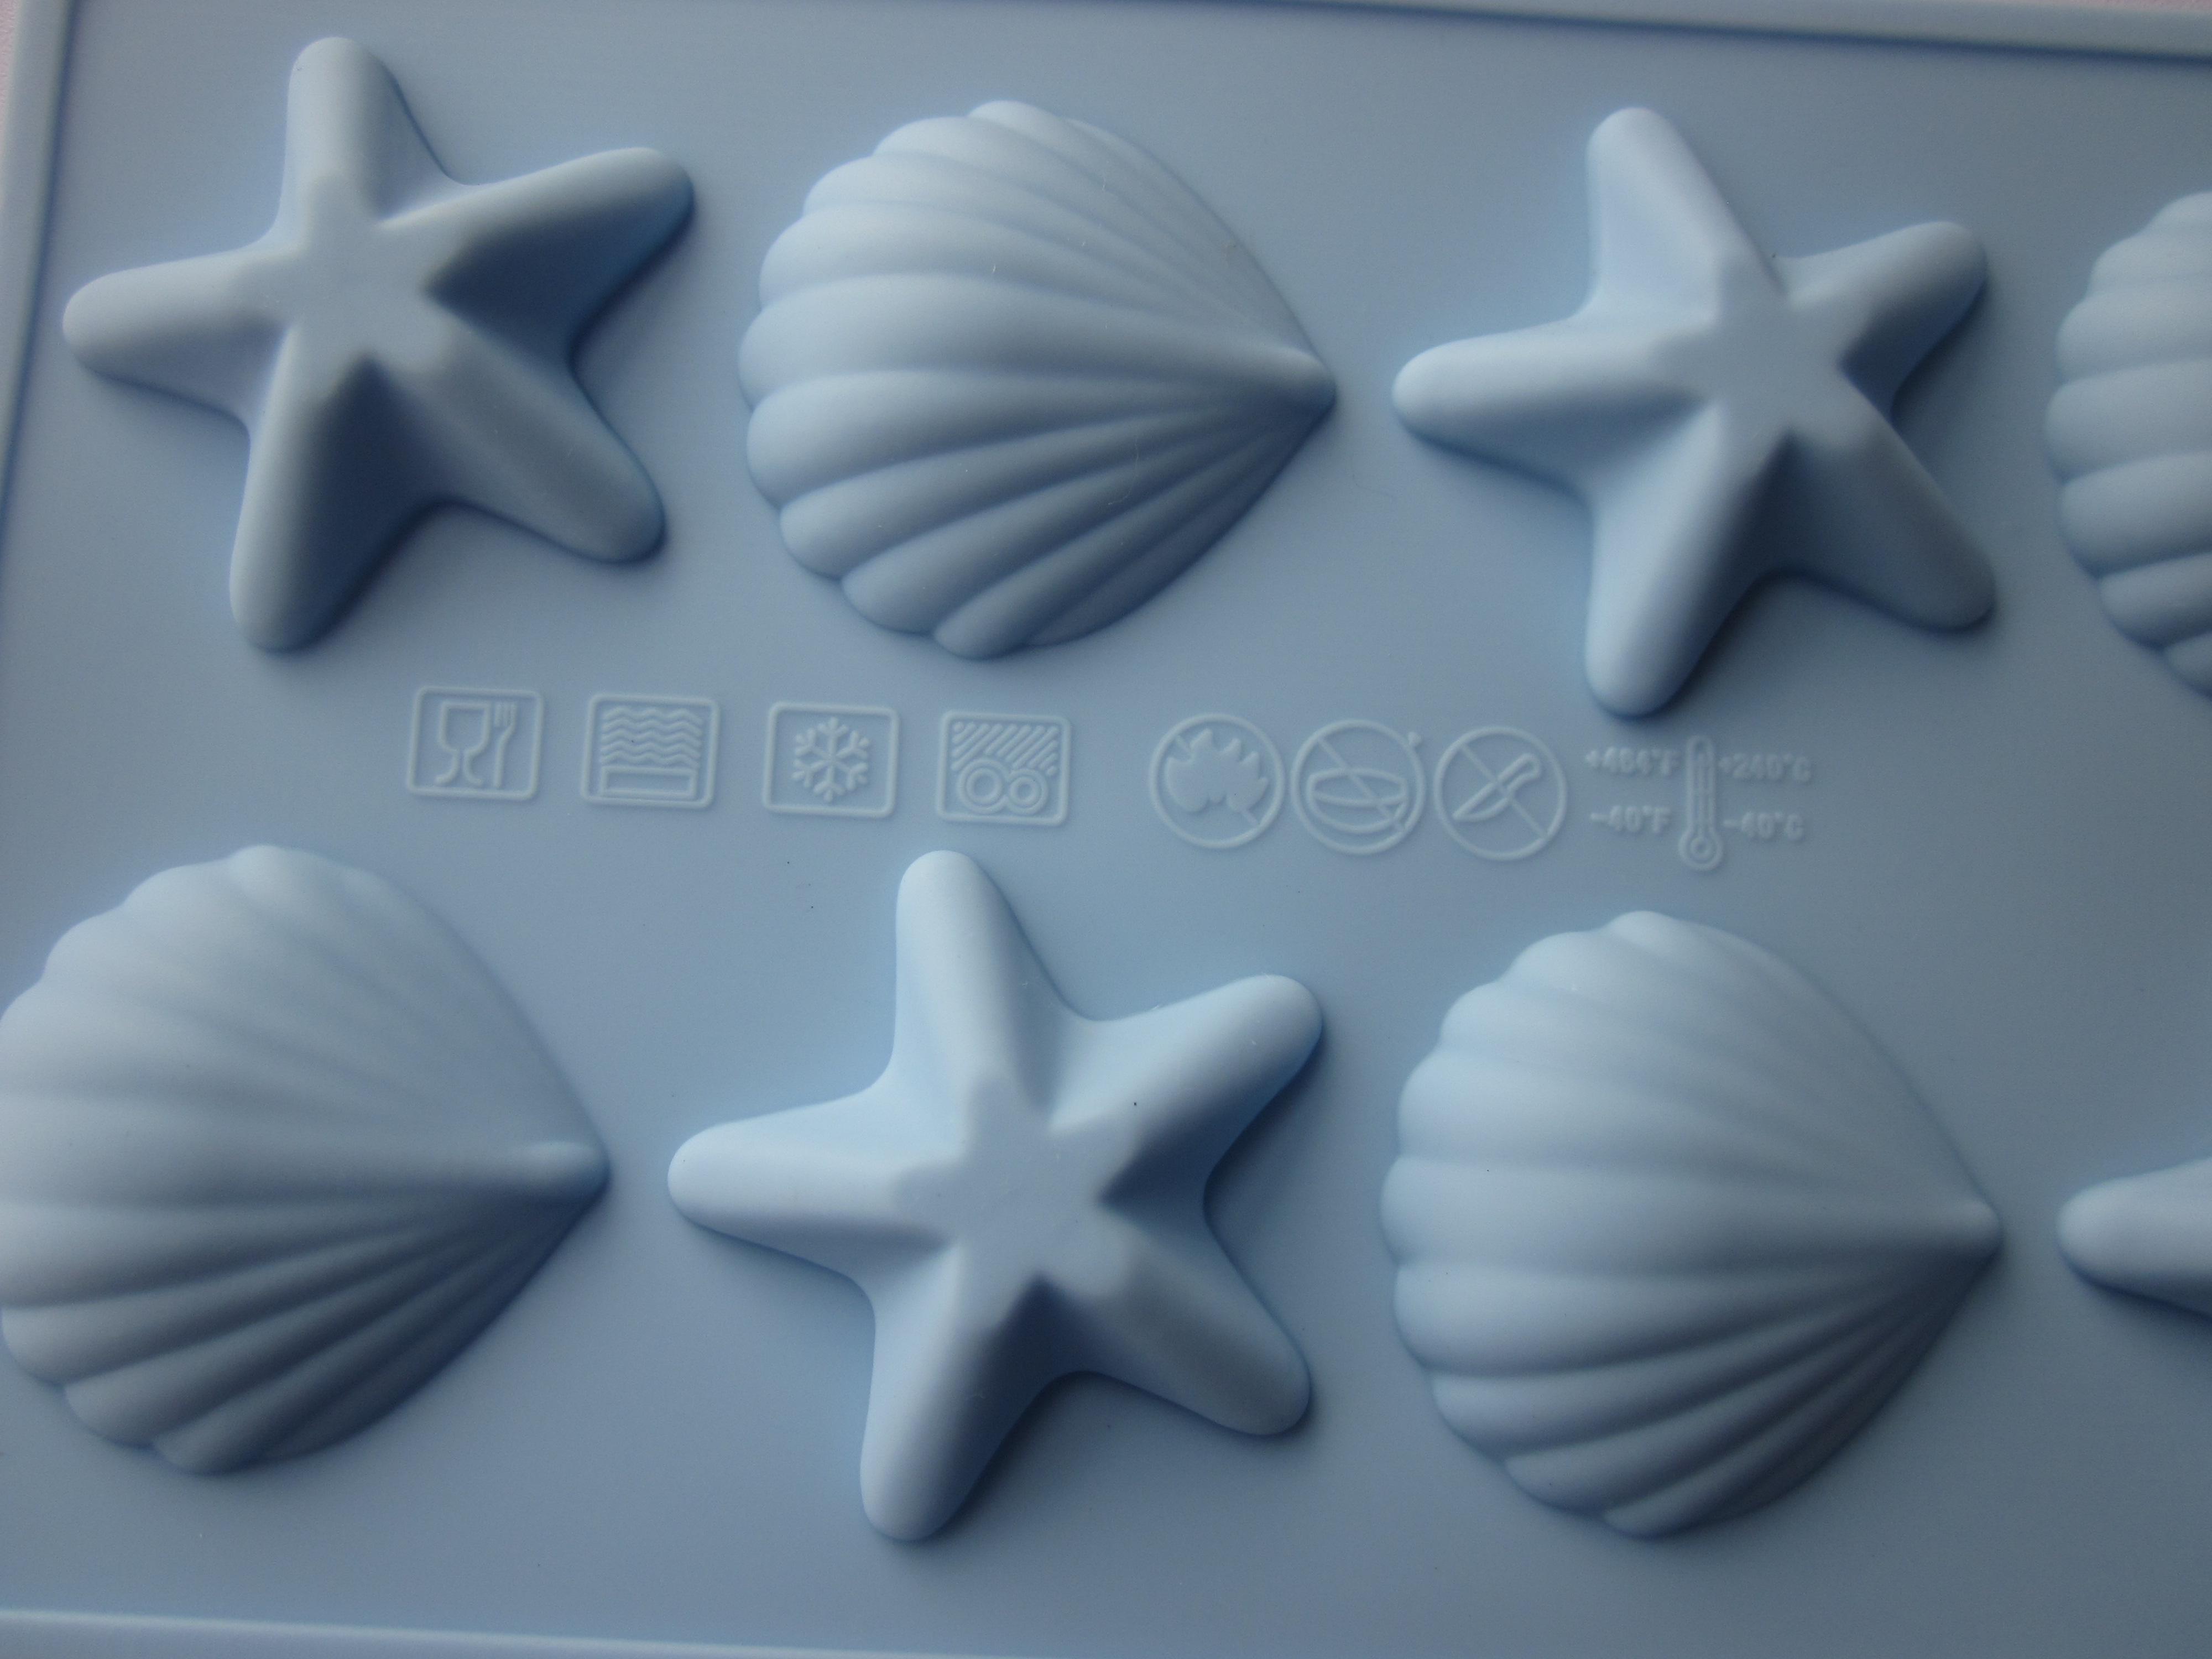 20個/ロット100%シリコーンゴムシリコーンケーキ型/シリコンチョウレート型/ブドウーモールド/ゼリー型/ケーキ工具/調理器具+送料無料